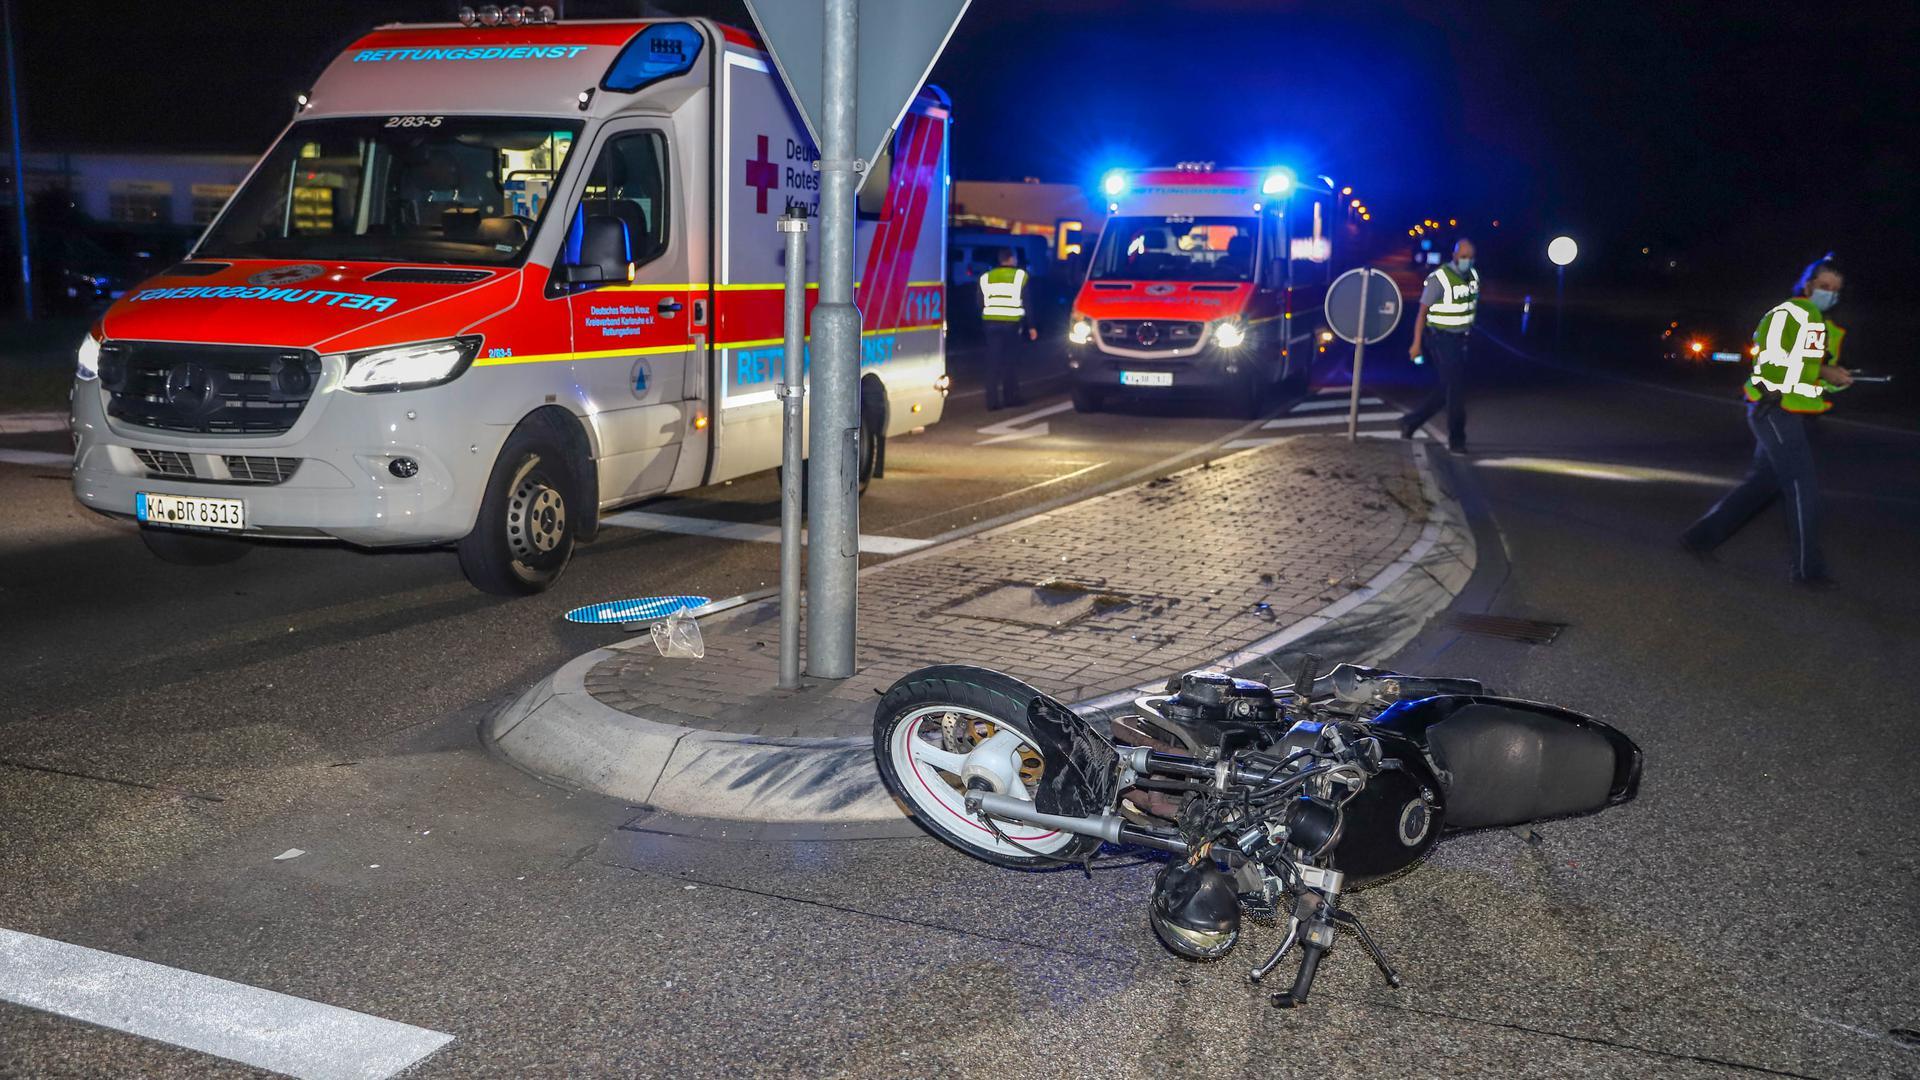 Ein schwarzes Motorrad liegt auf der Fahrbahn. Im Hintergrund zwei Krankenwagen mit Blaulicht.